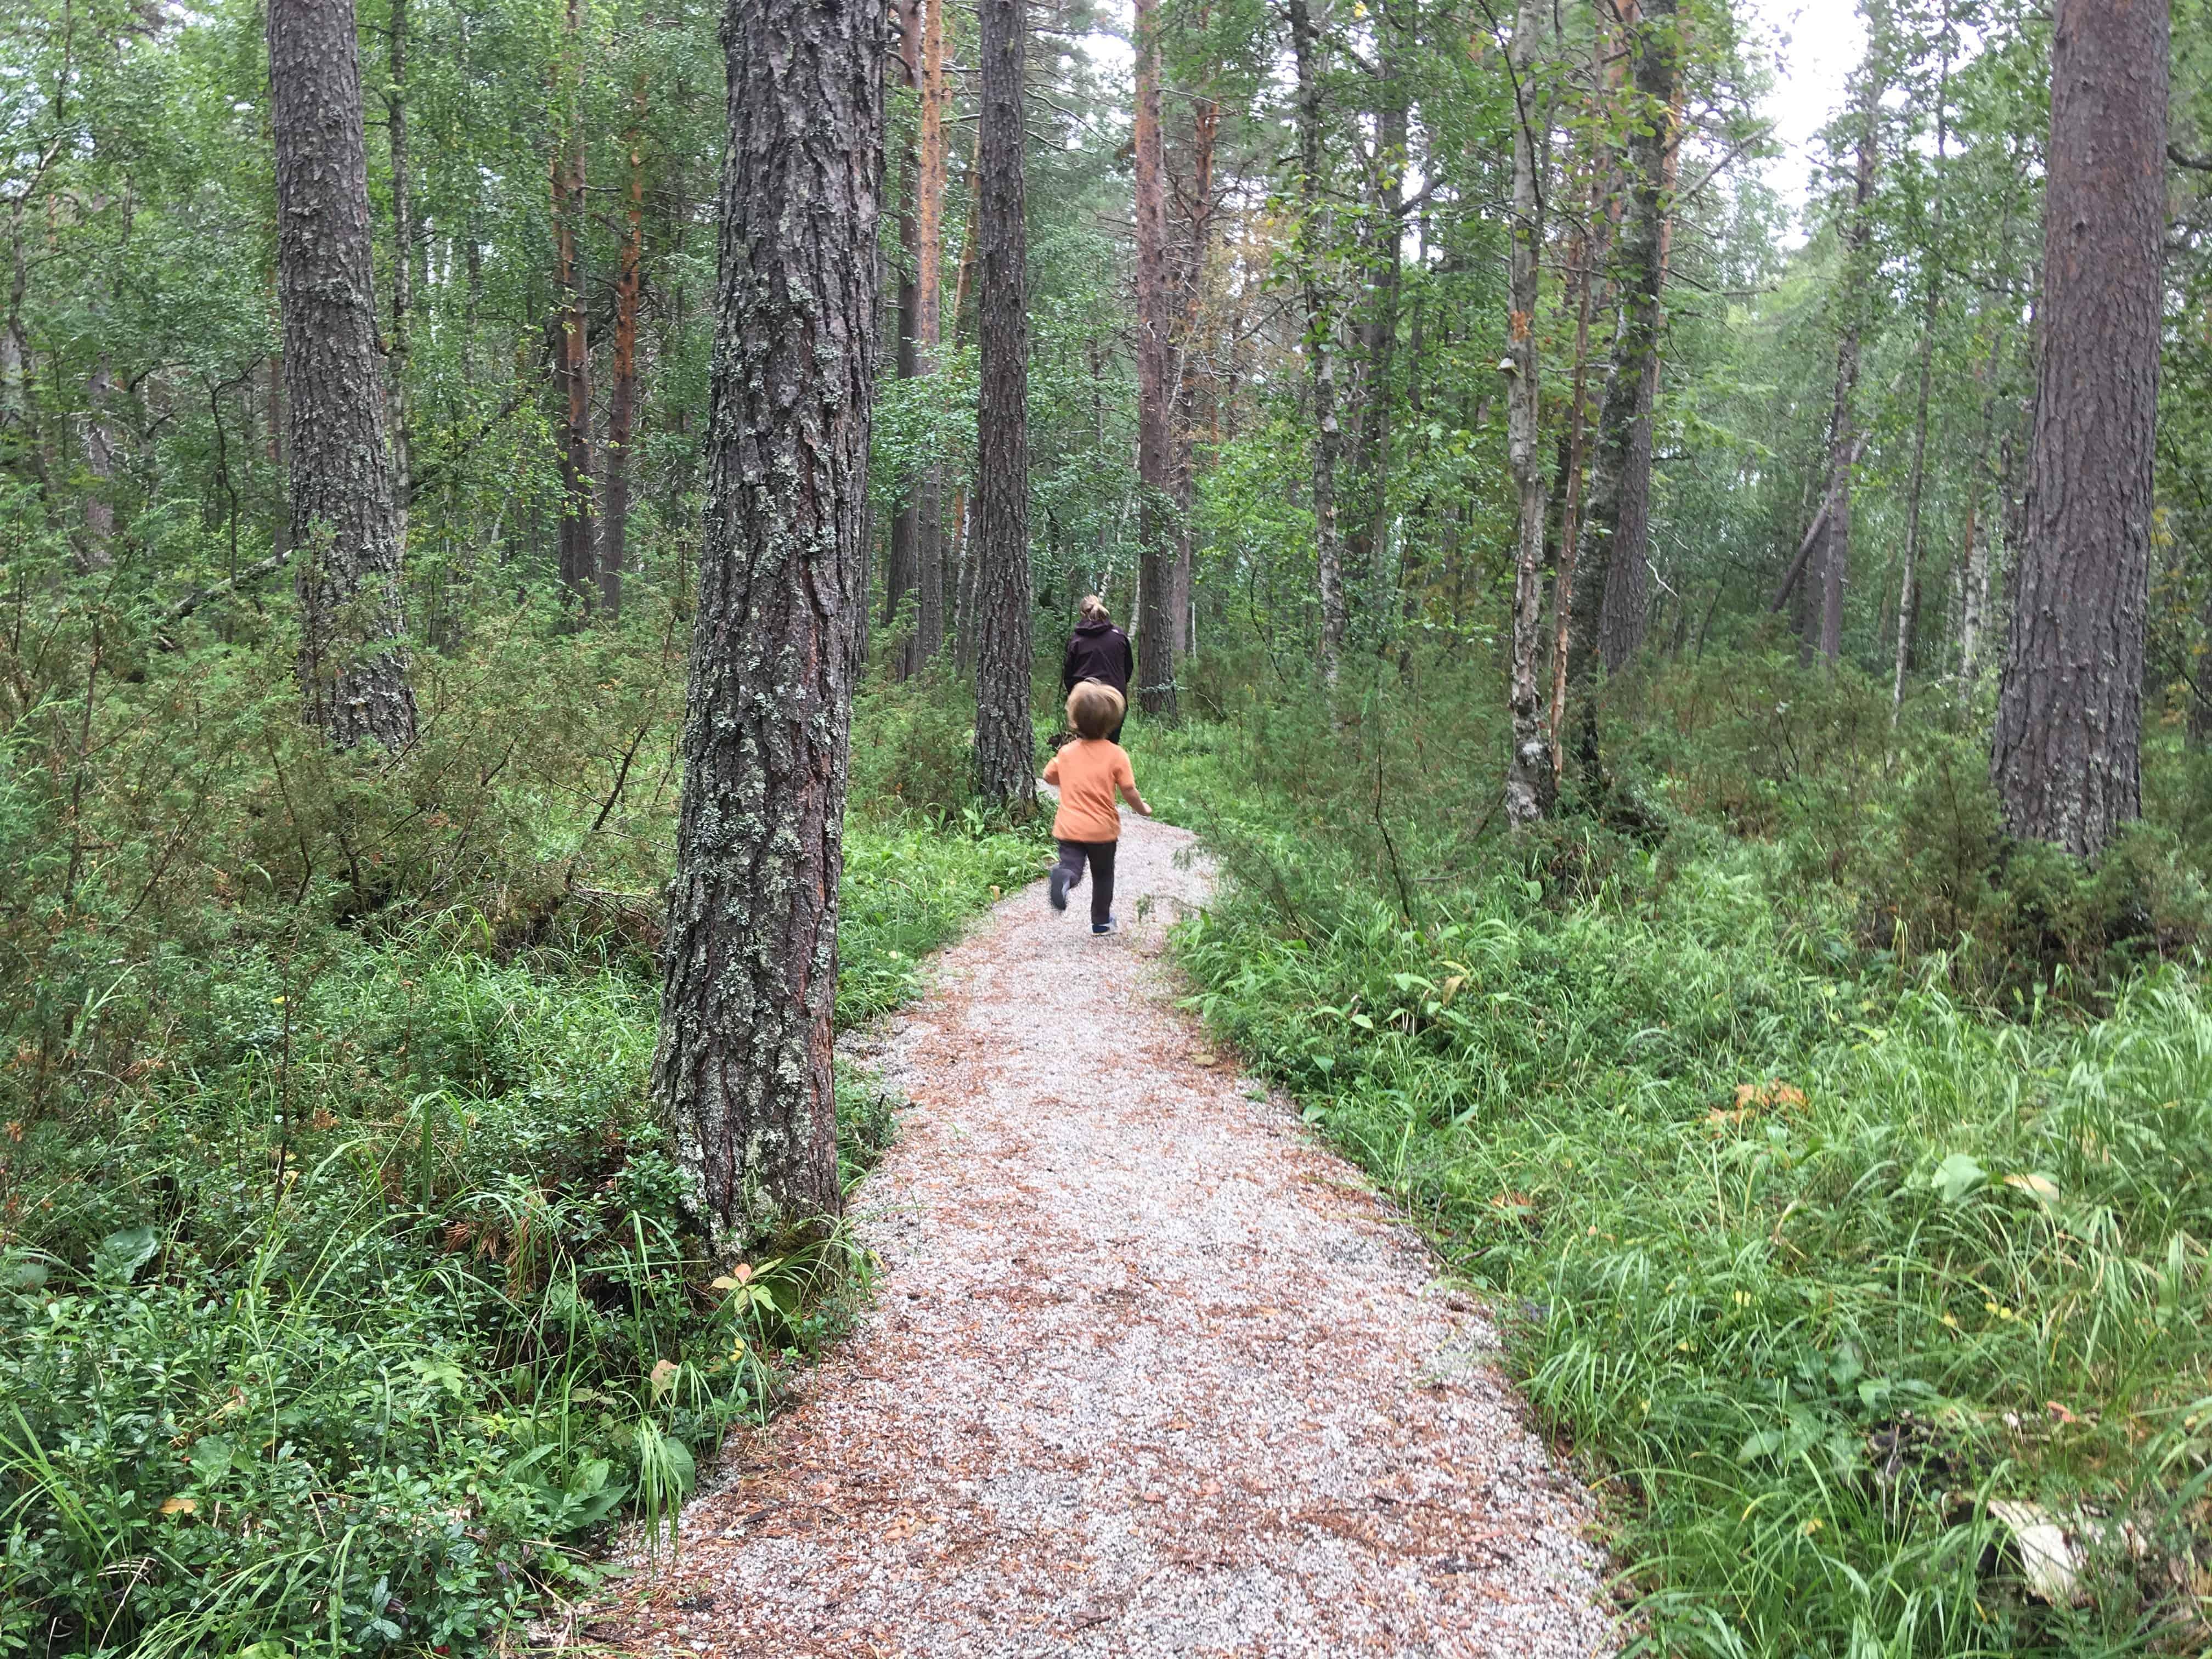 Mooi wandelpad door beschermd bos.